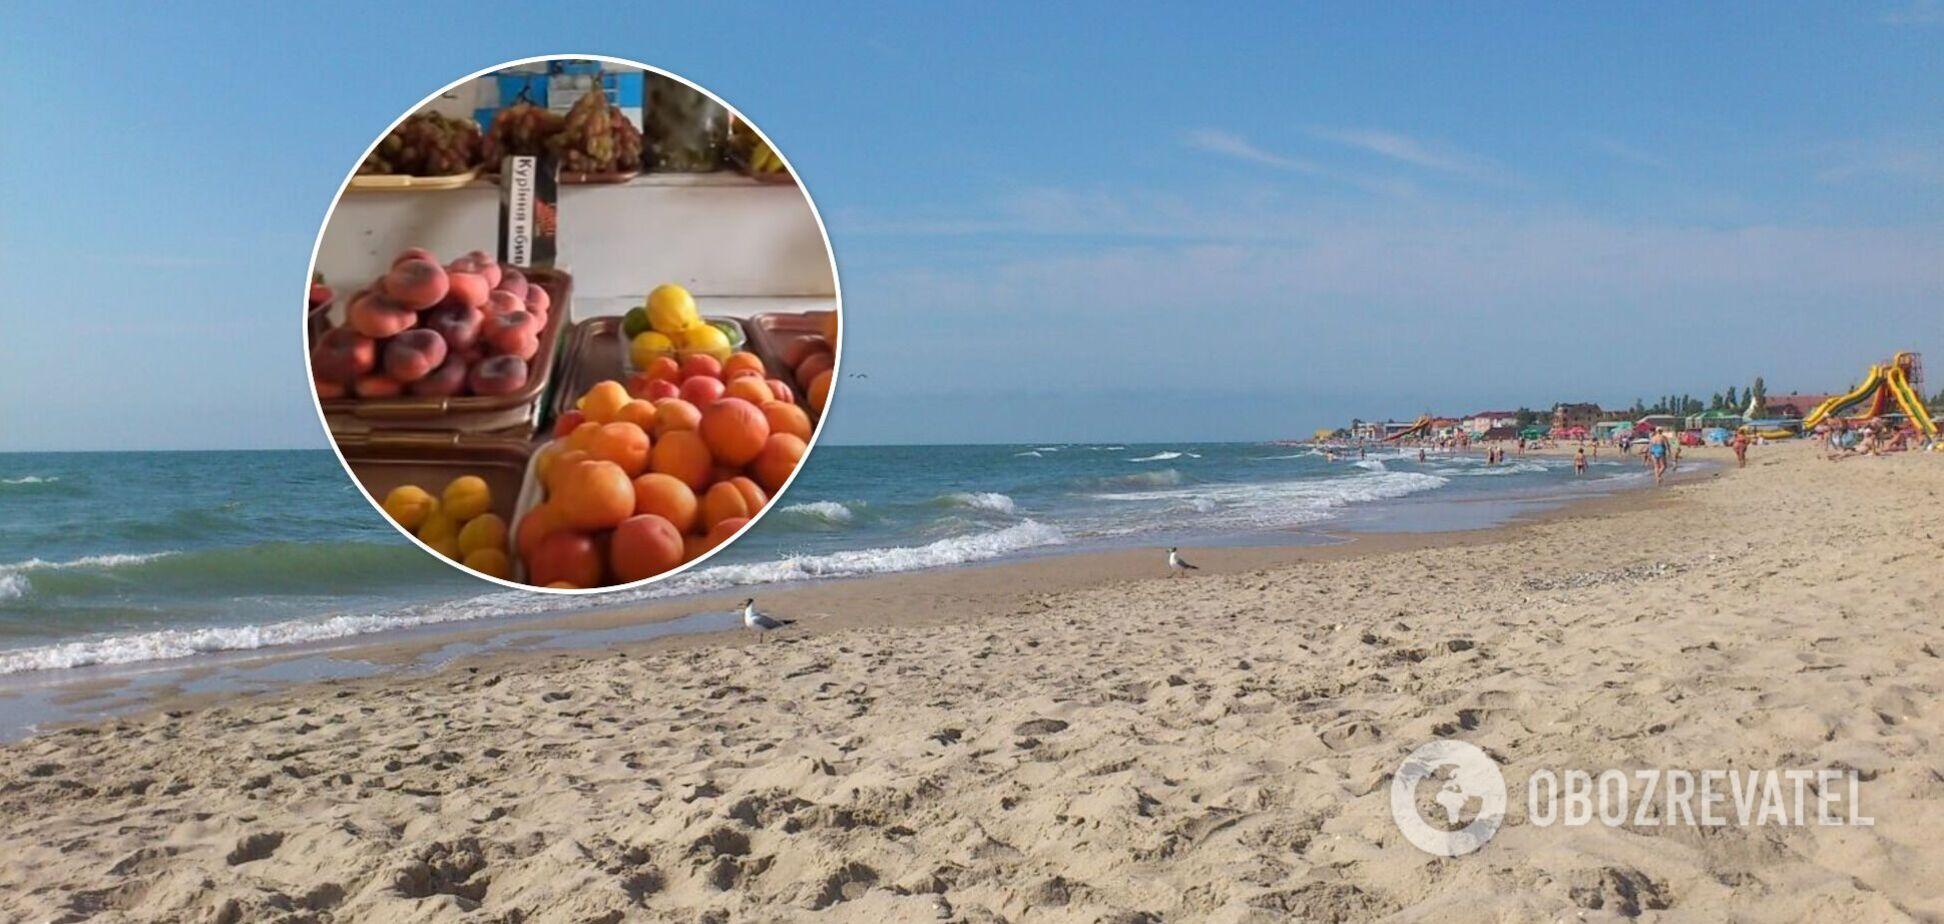 Цены на отдых в Затоке 2021: сколько стоят продукты и развлечения на пляже